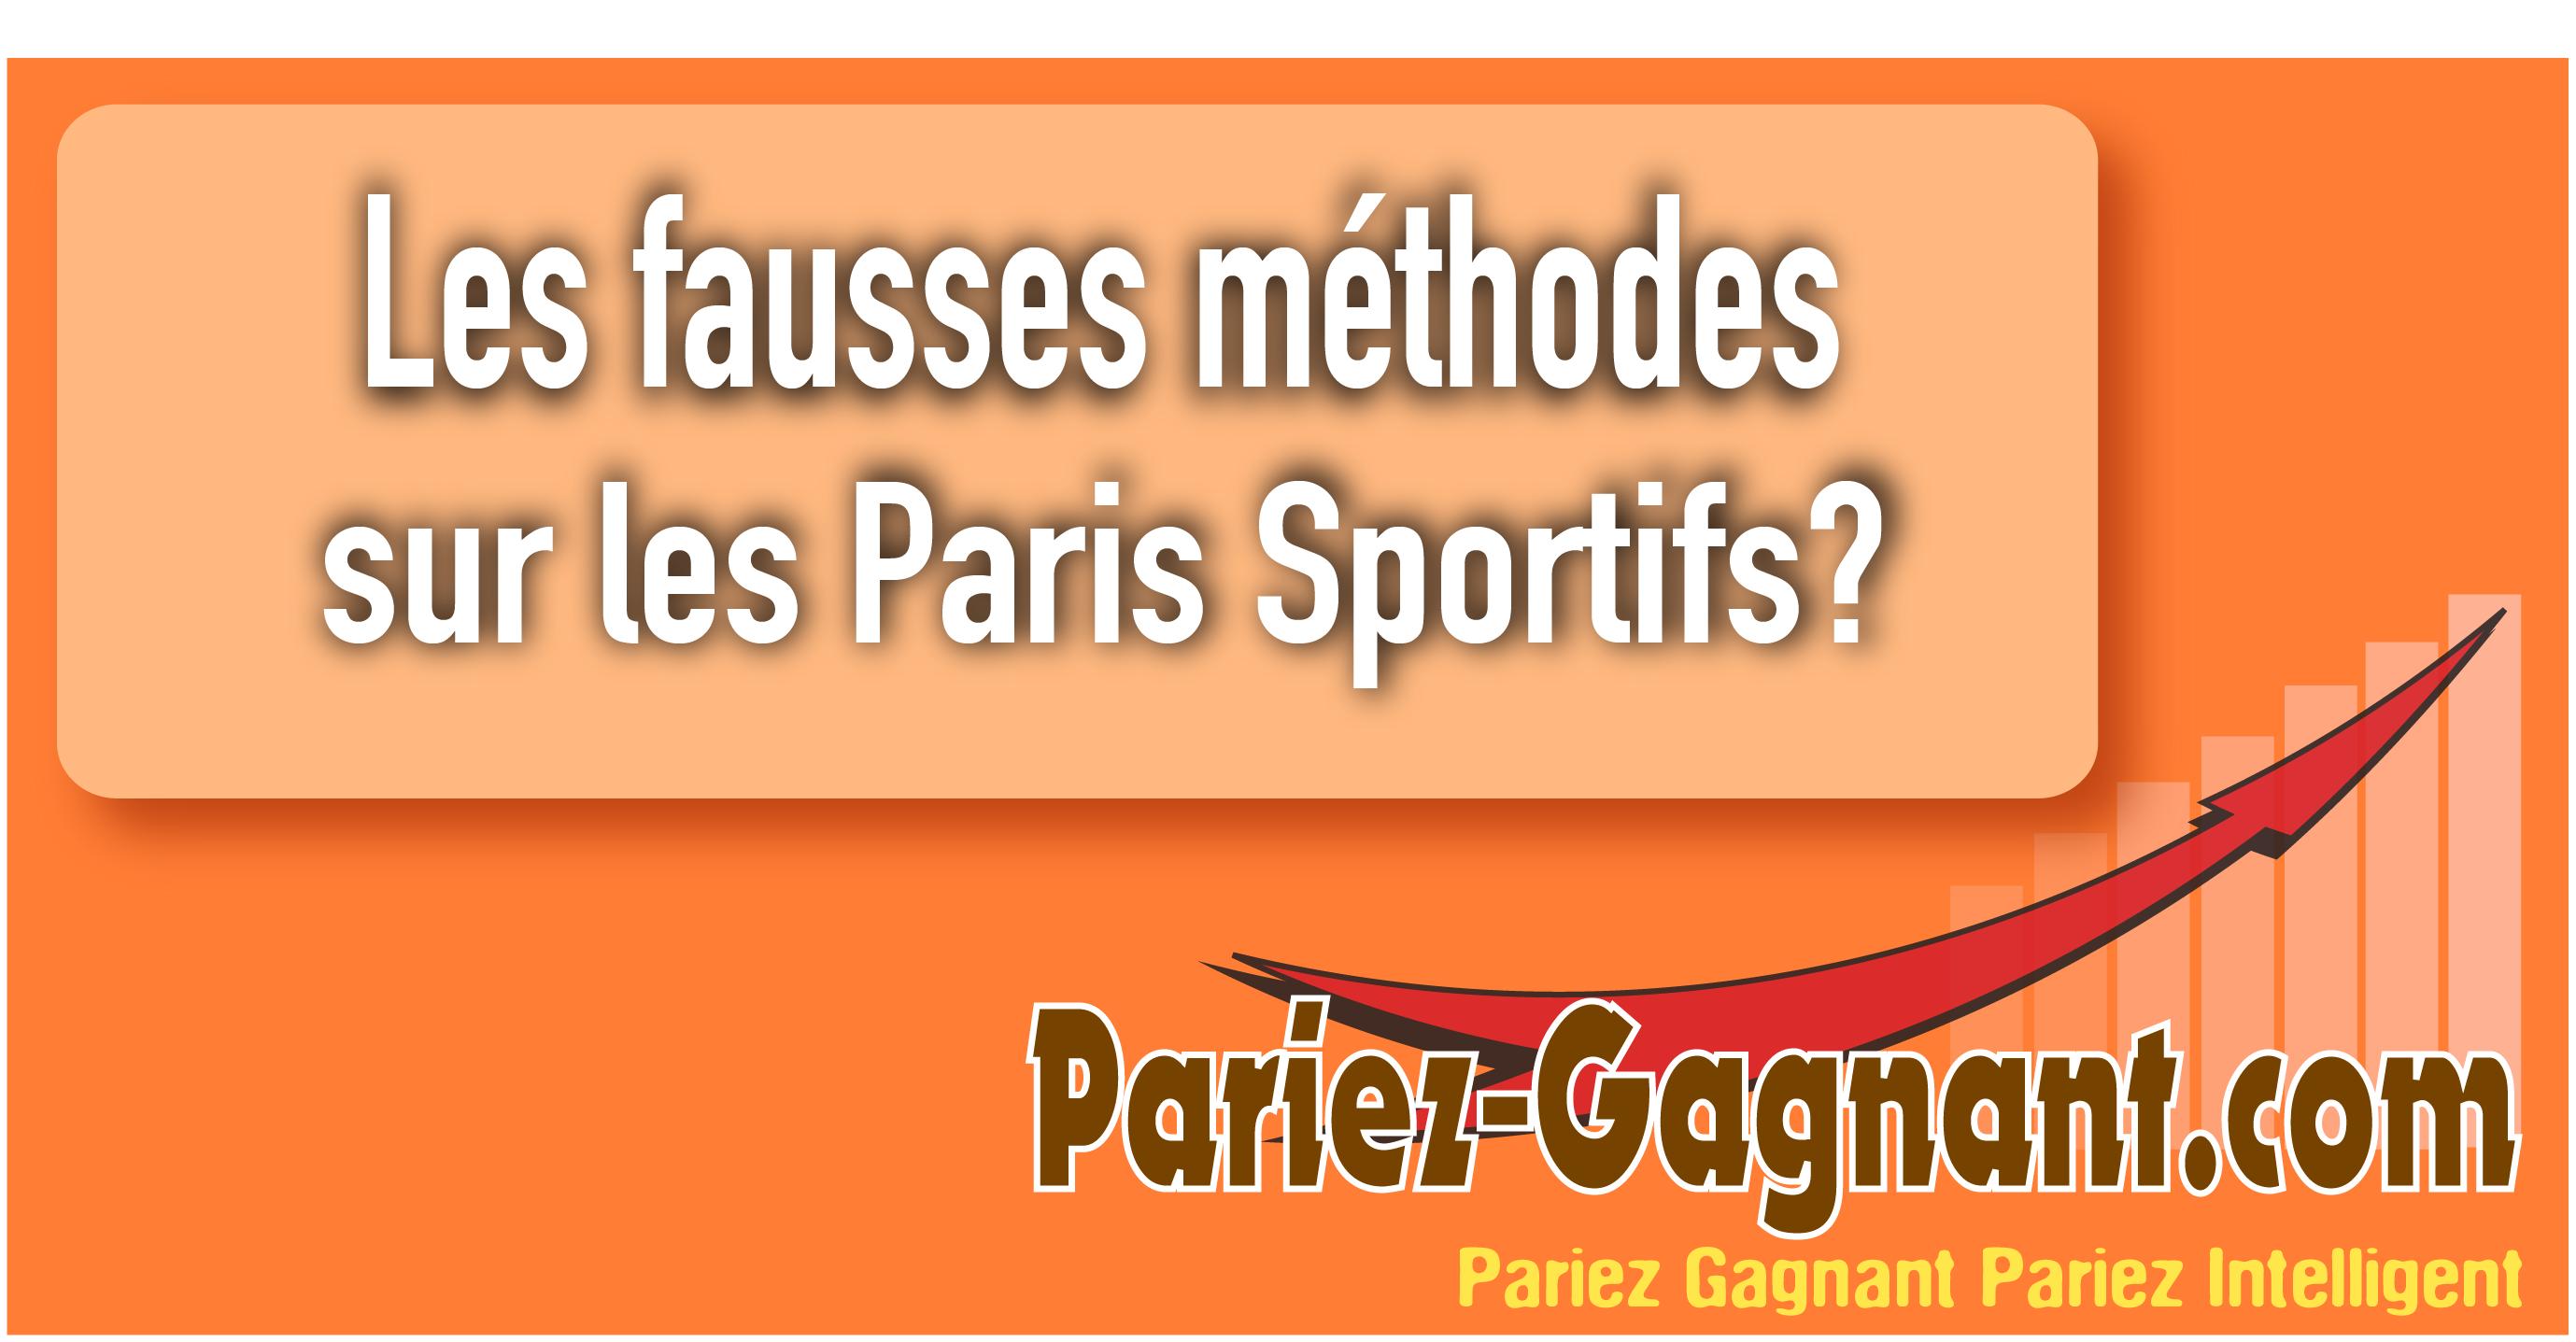 fausses méthodes paris sportifs